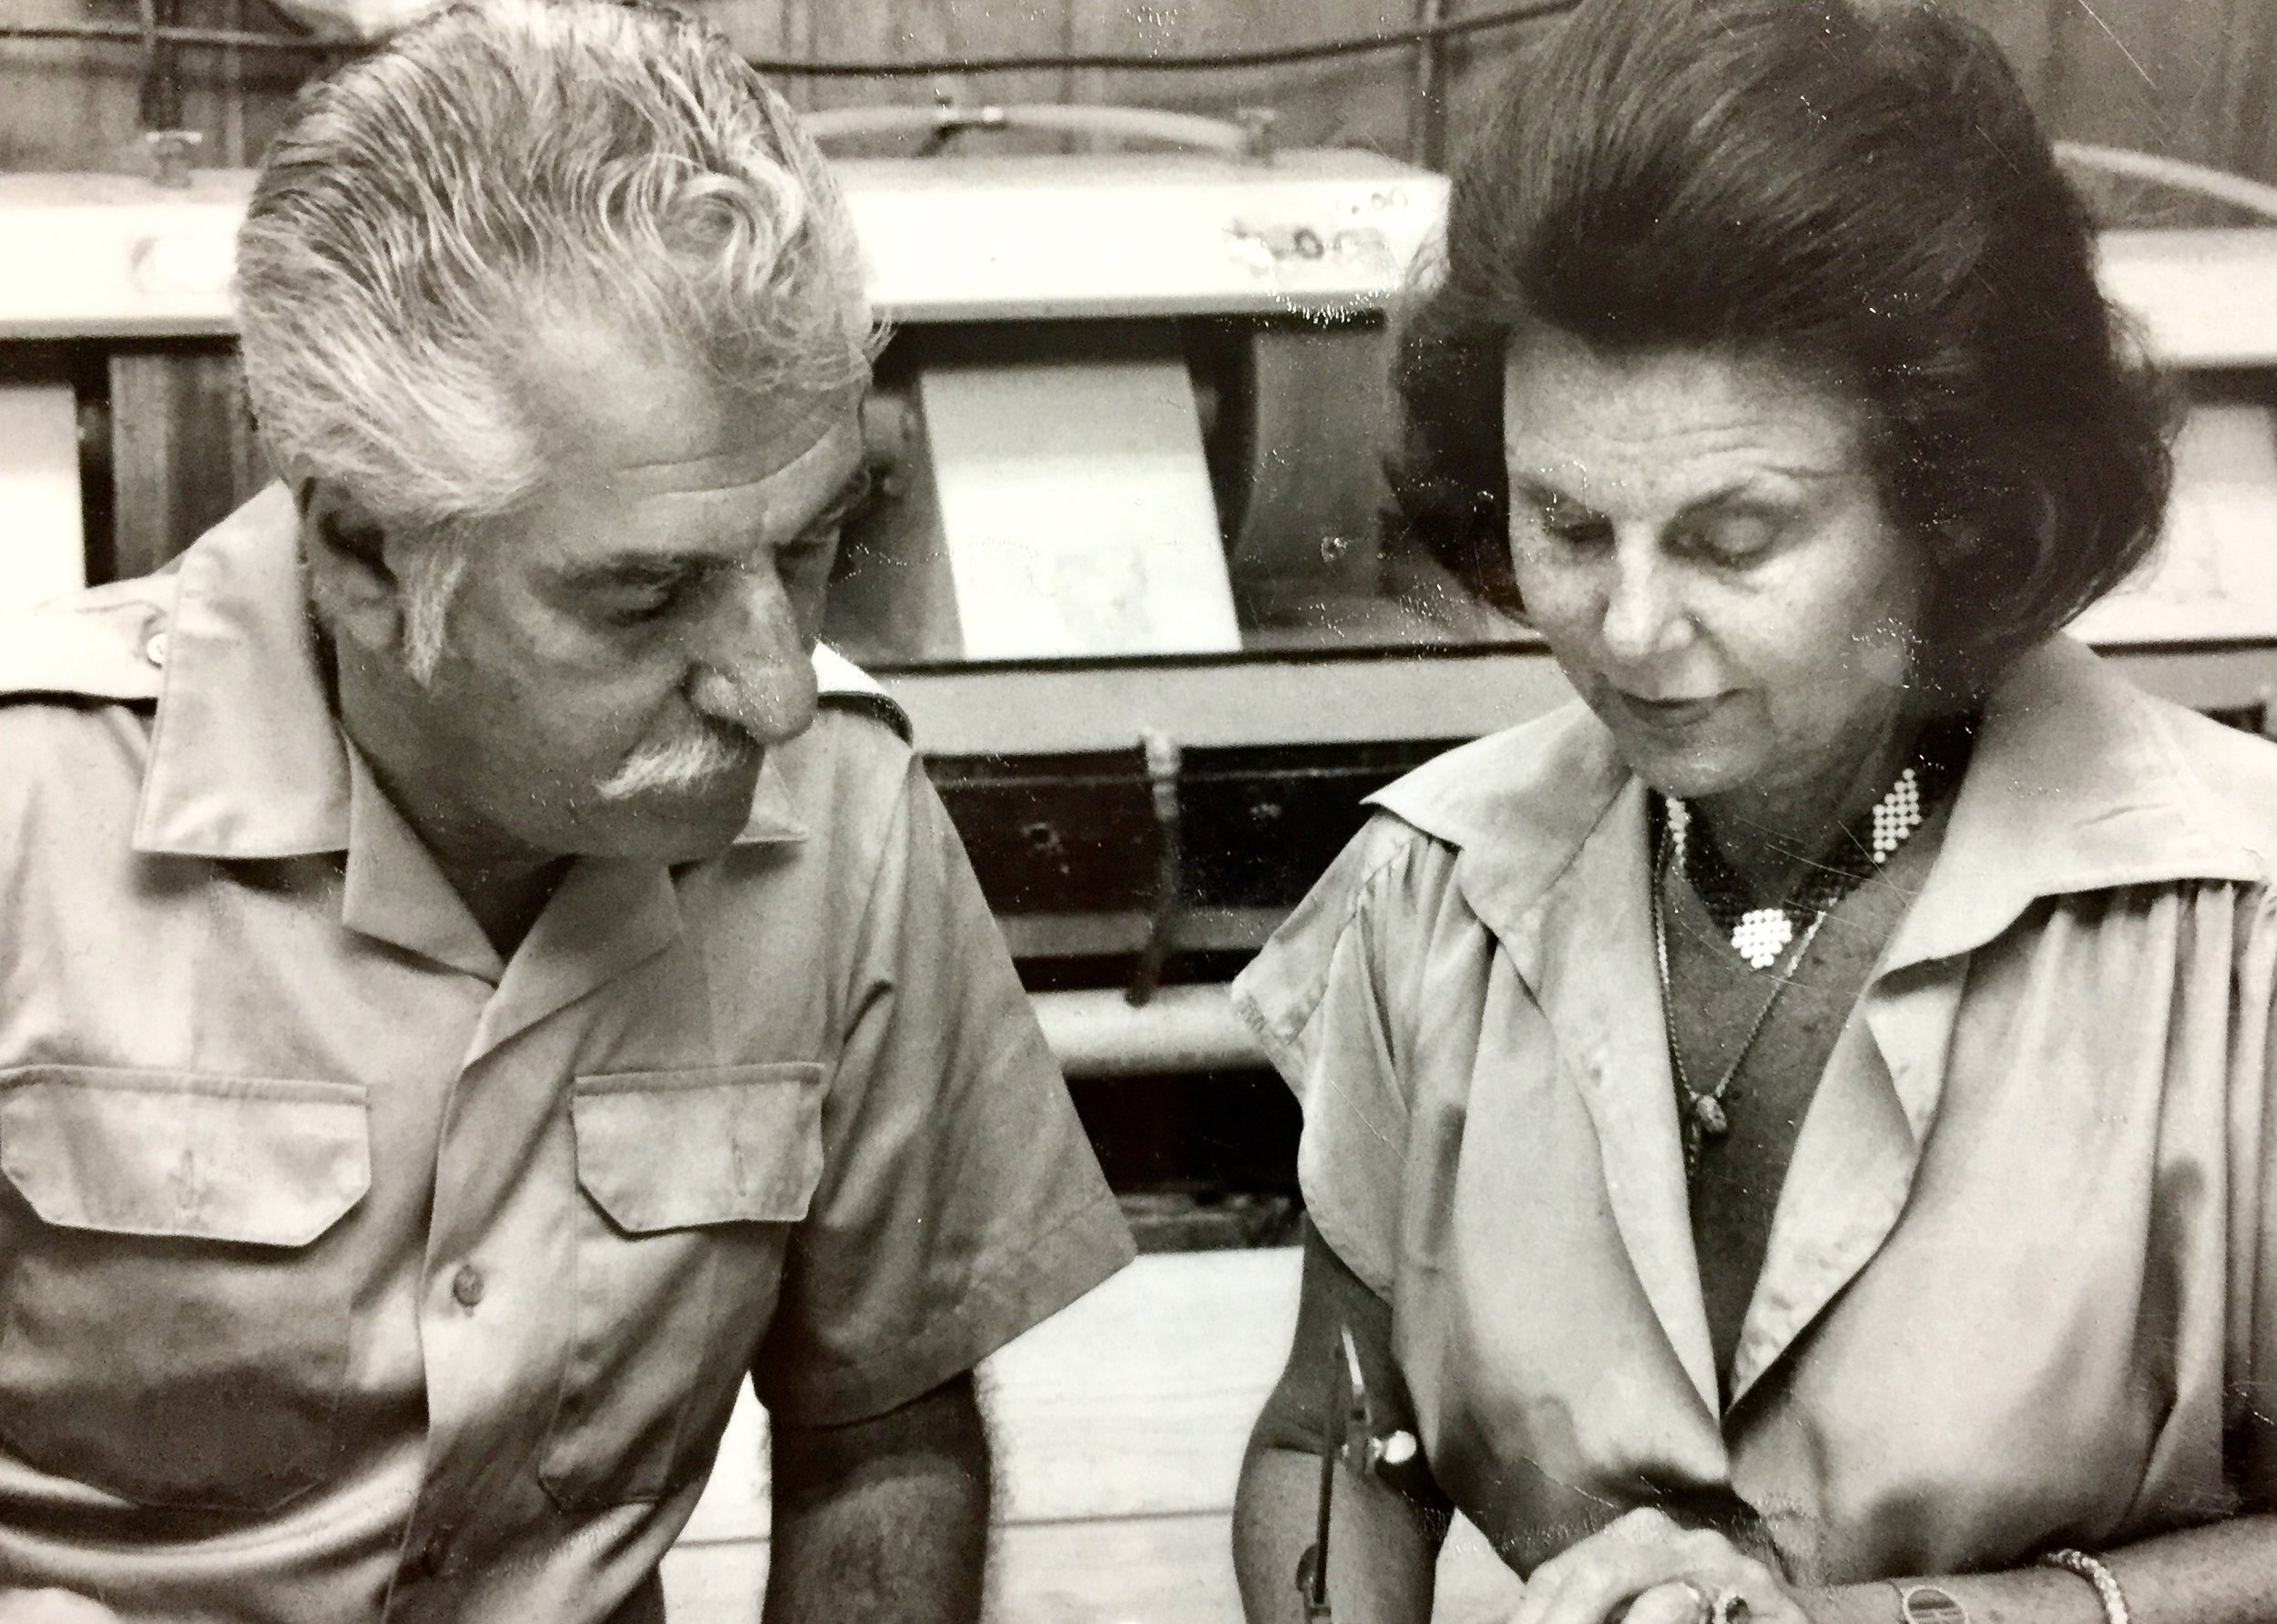 Herbert Duke, Sr. And His Wife Bettye Duke, Founders Of InterGem, Inc. Working At InterGem's Headquarters.